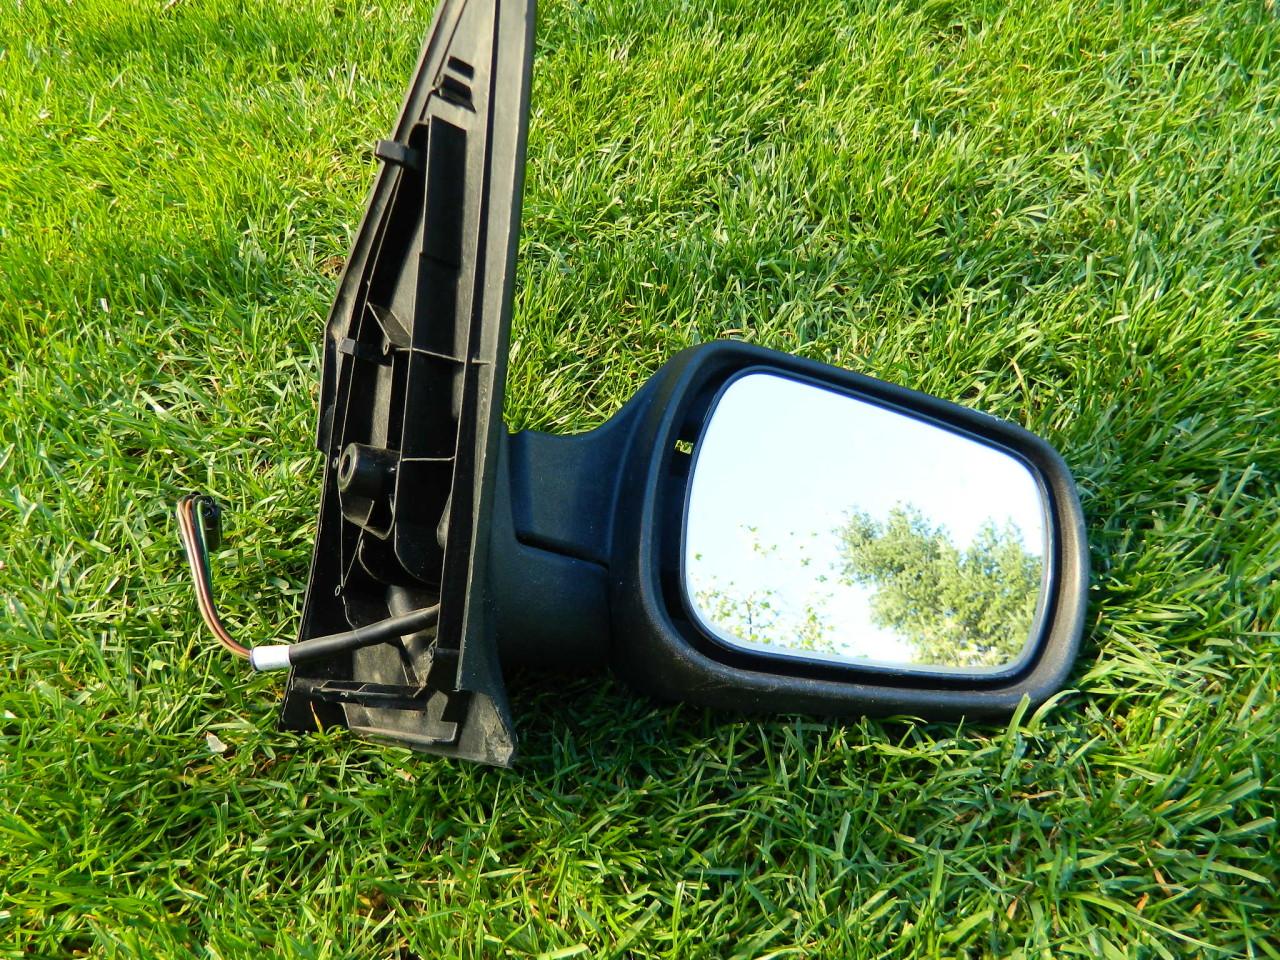 Corp oglinda dreapta electrica Ford Fiesta MK6 2204-2008